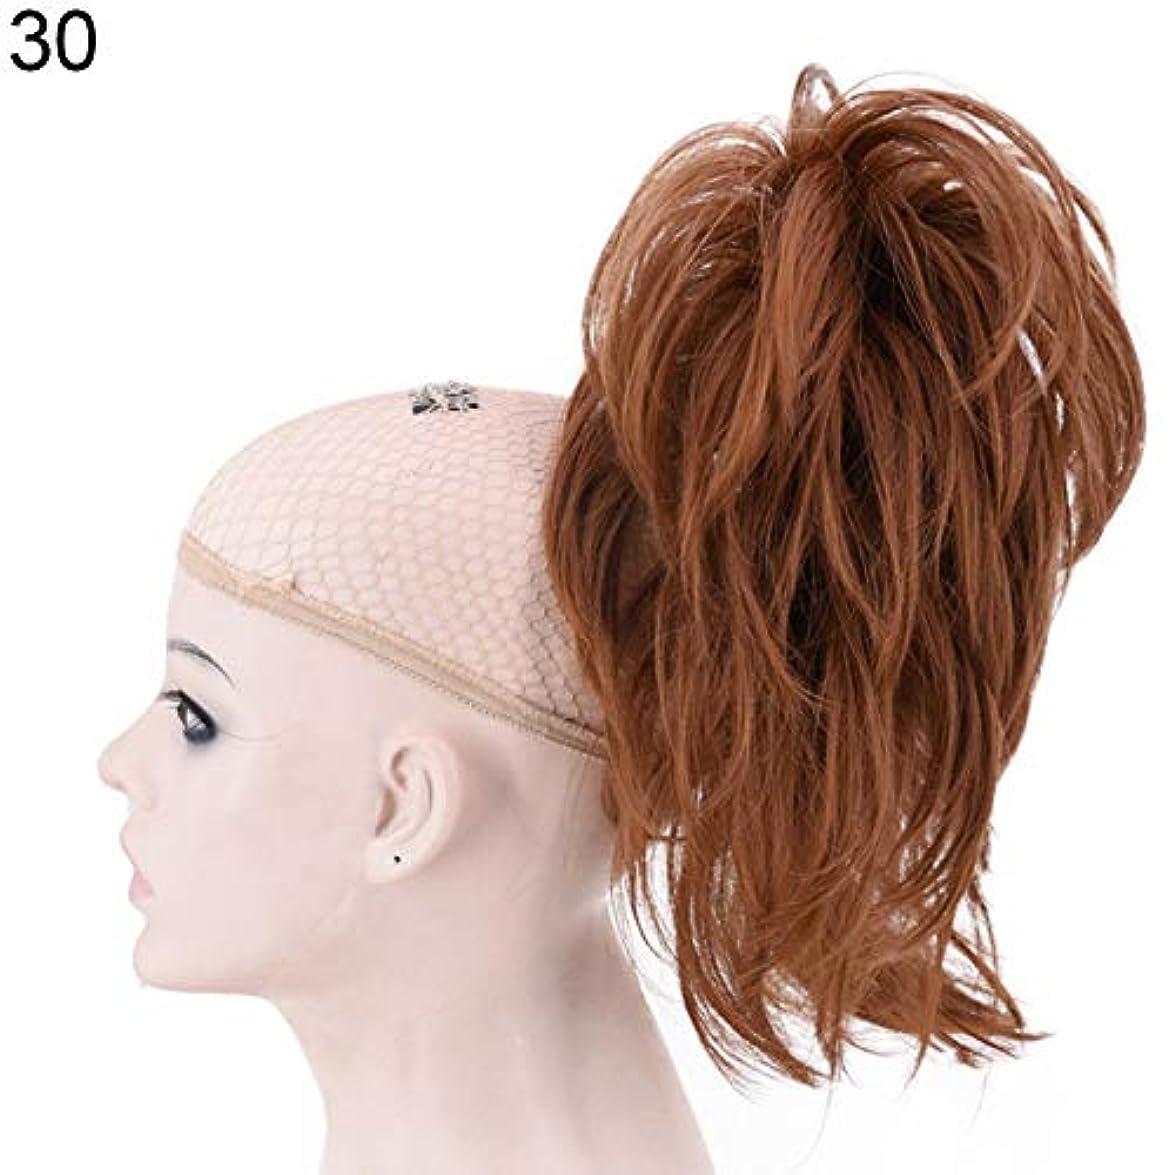 日焼けバイオレットエスカレーターslQinjiansav女性ウィッグ修復ツール30cmポニーテール合成ヘアエクステンションパーティーウィッグヘアピースのショートカーリークリップ